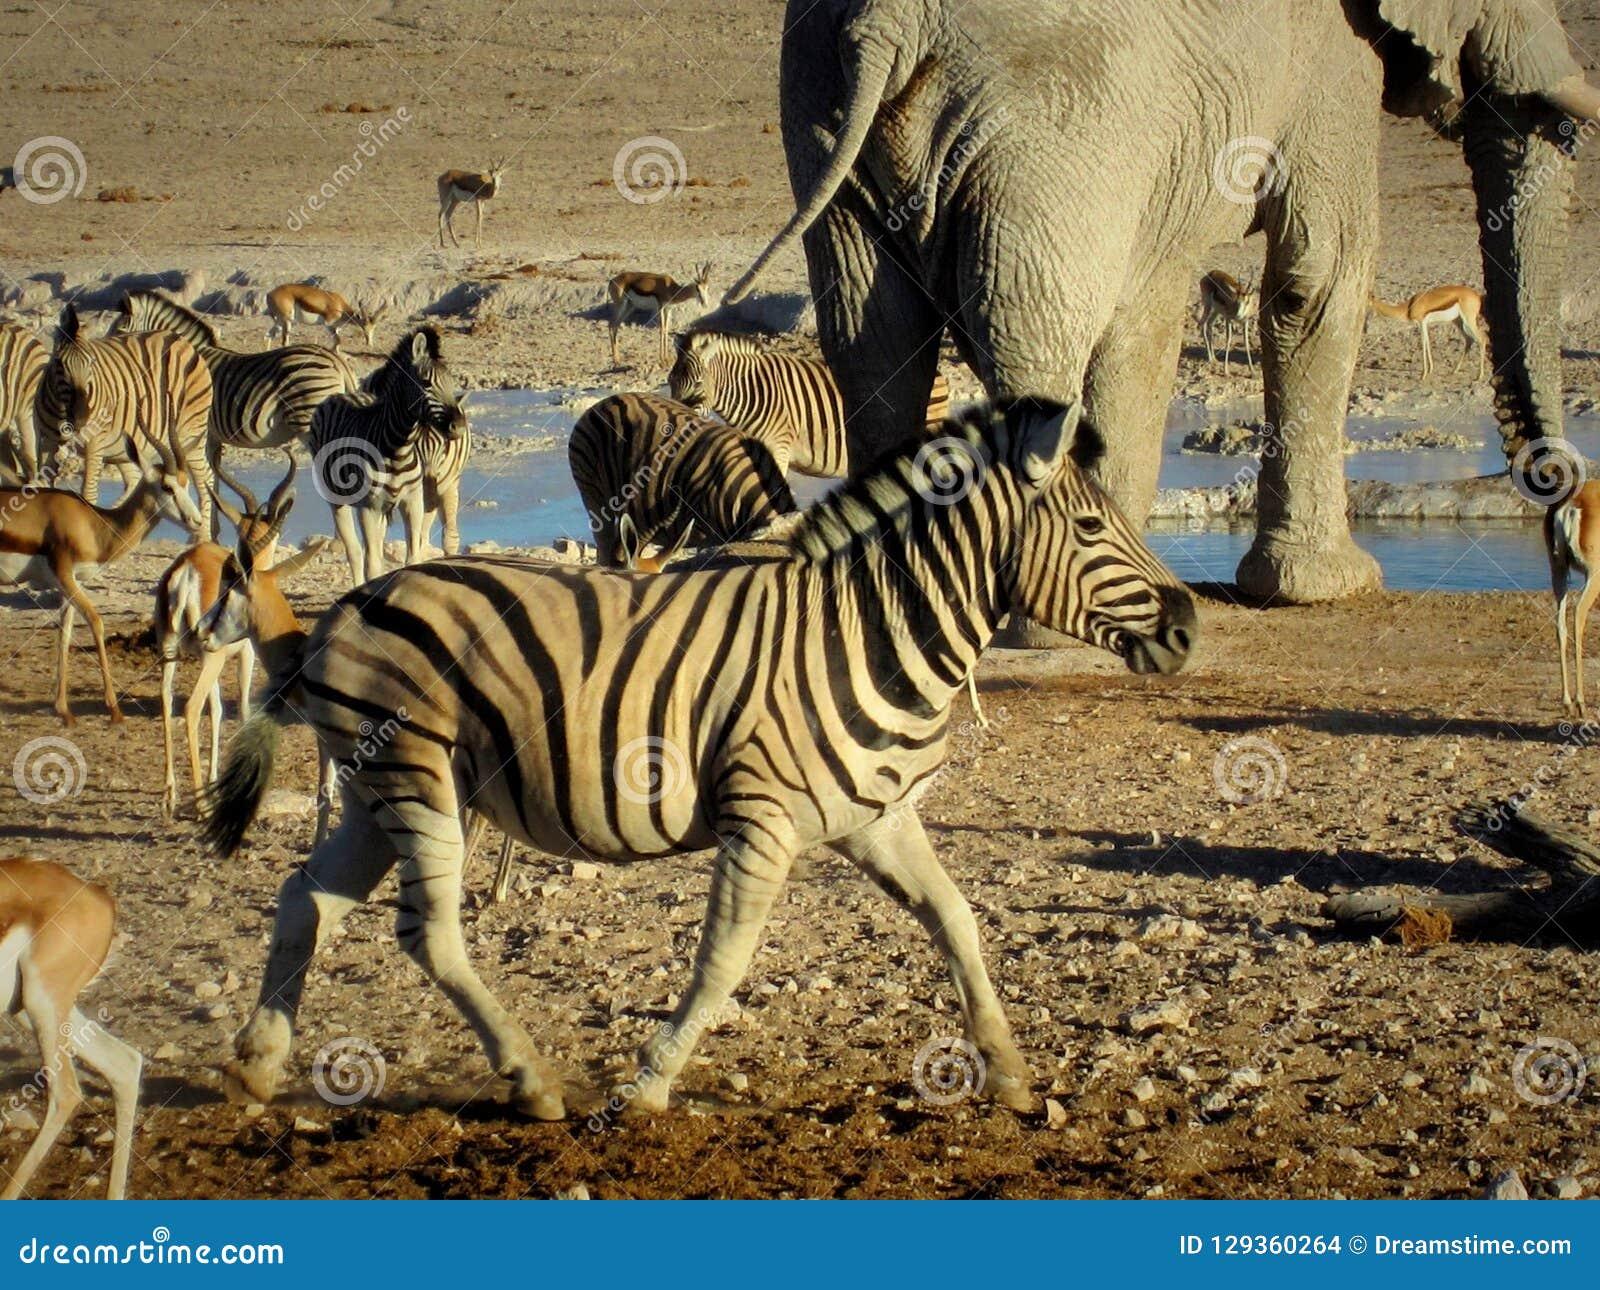 Namíbia, bandeja de Etosha, elefante e a outra água potável dos animais com a zebra no primeiro plano